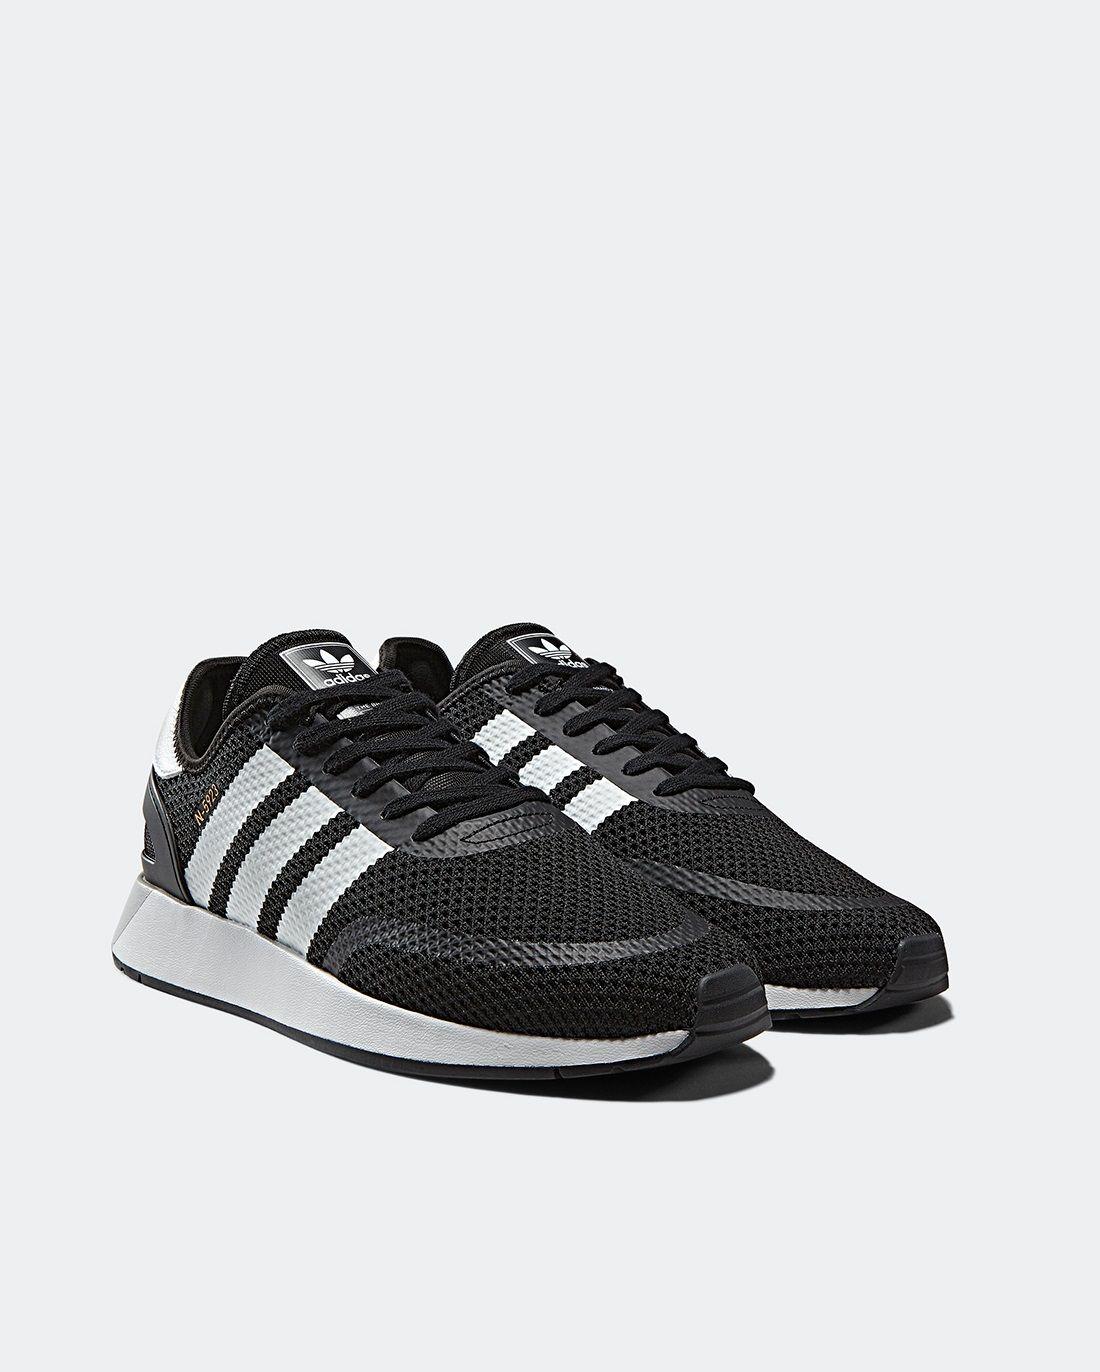 super popular c61d4 7d346 adidas Originals N-5923  Black